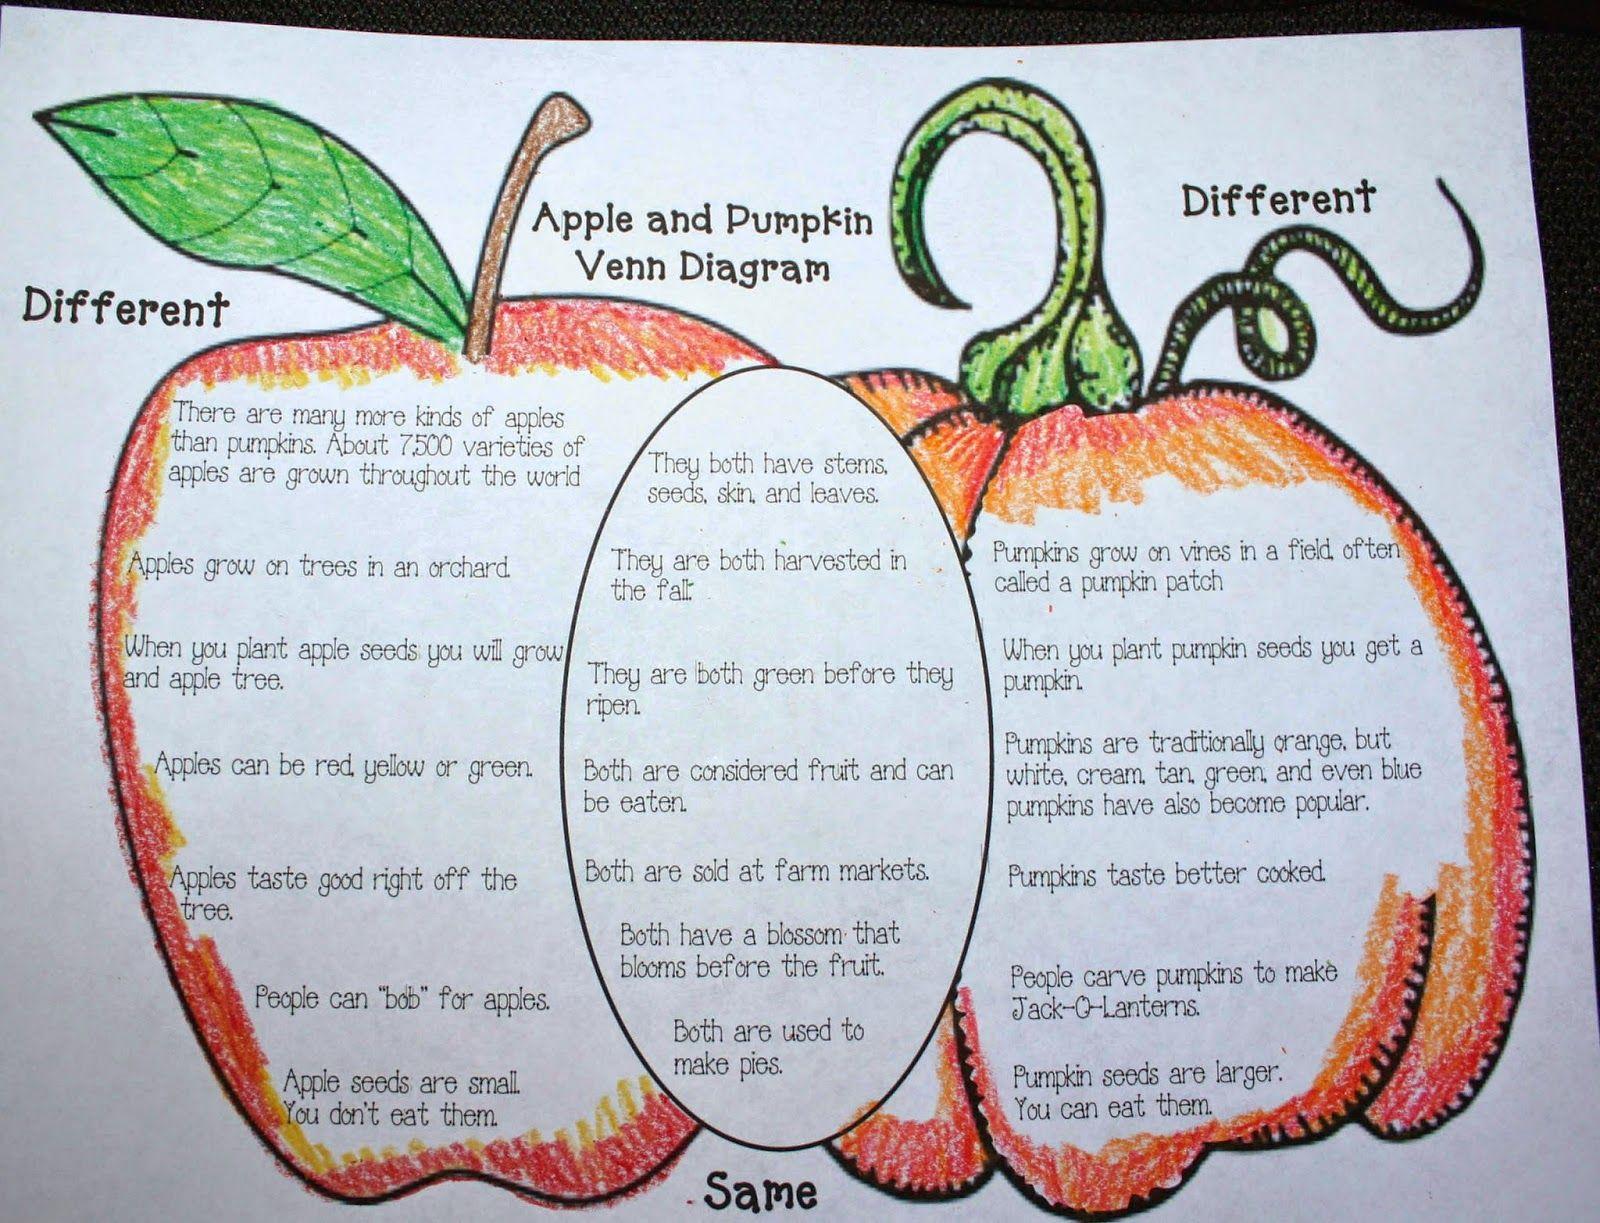 Apple pumpkin venn diagram venn diagrams diagram and classroom apple pumpkin venn diagram pooptronica